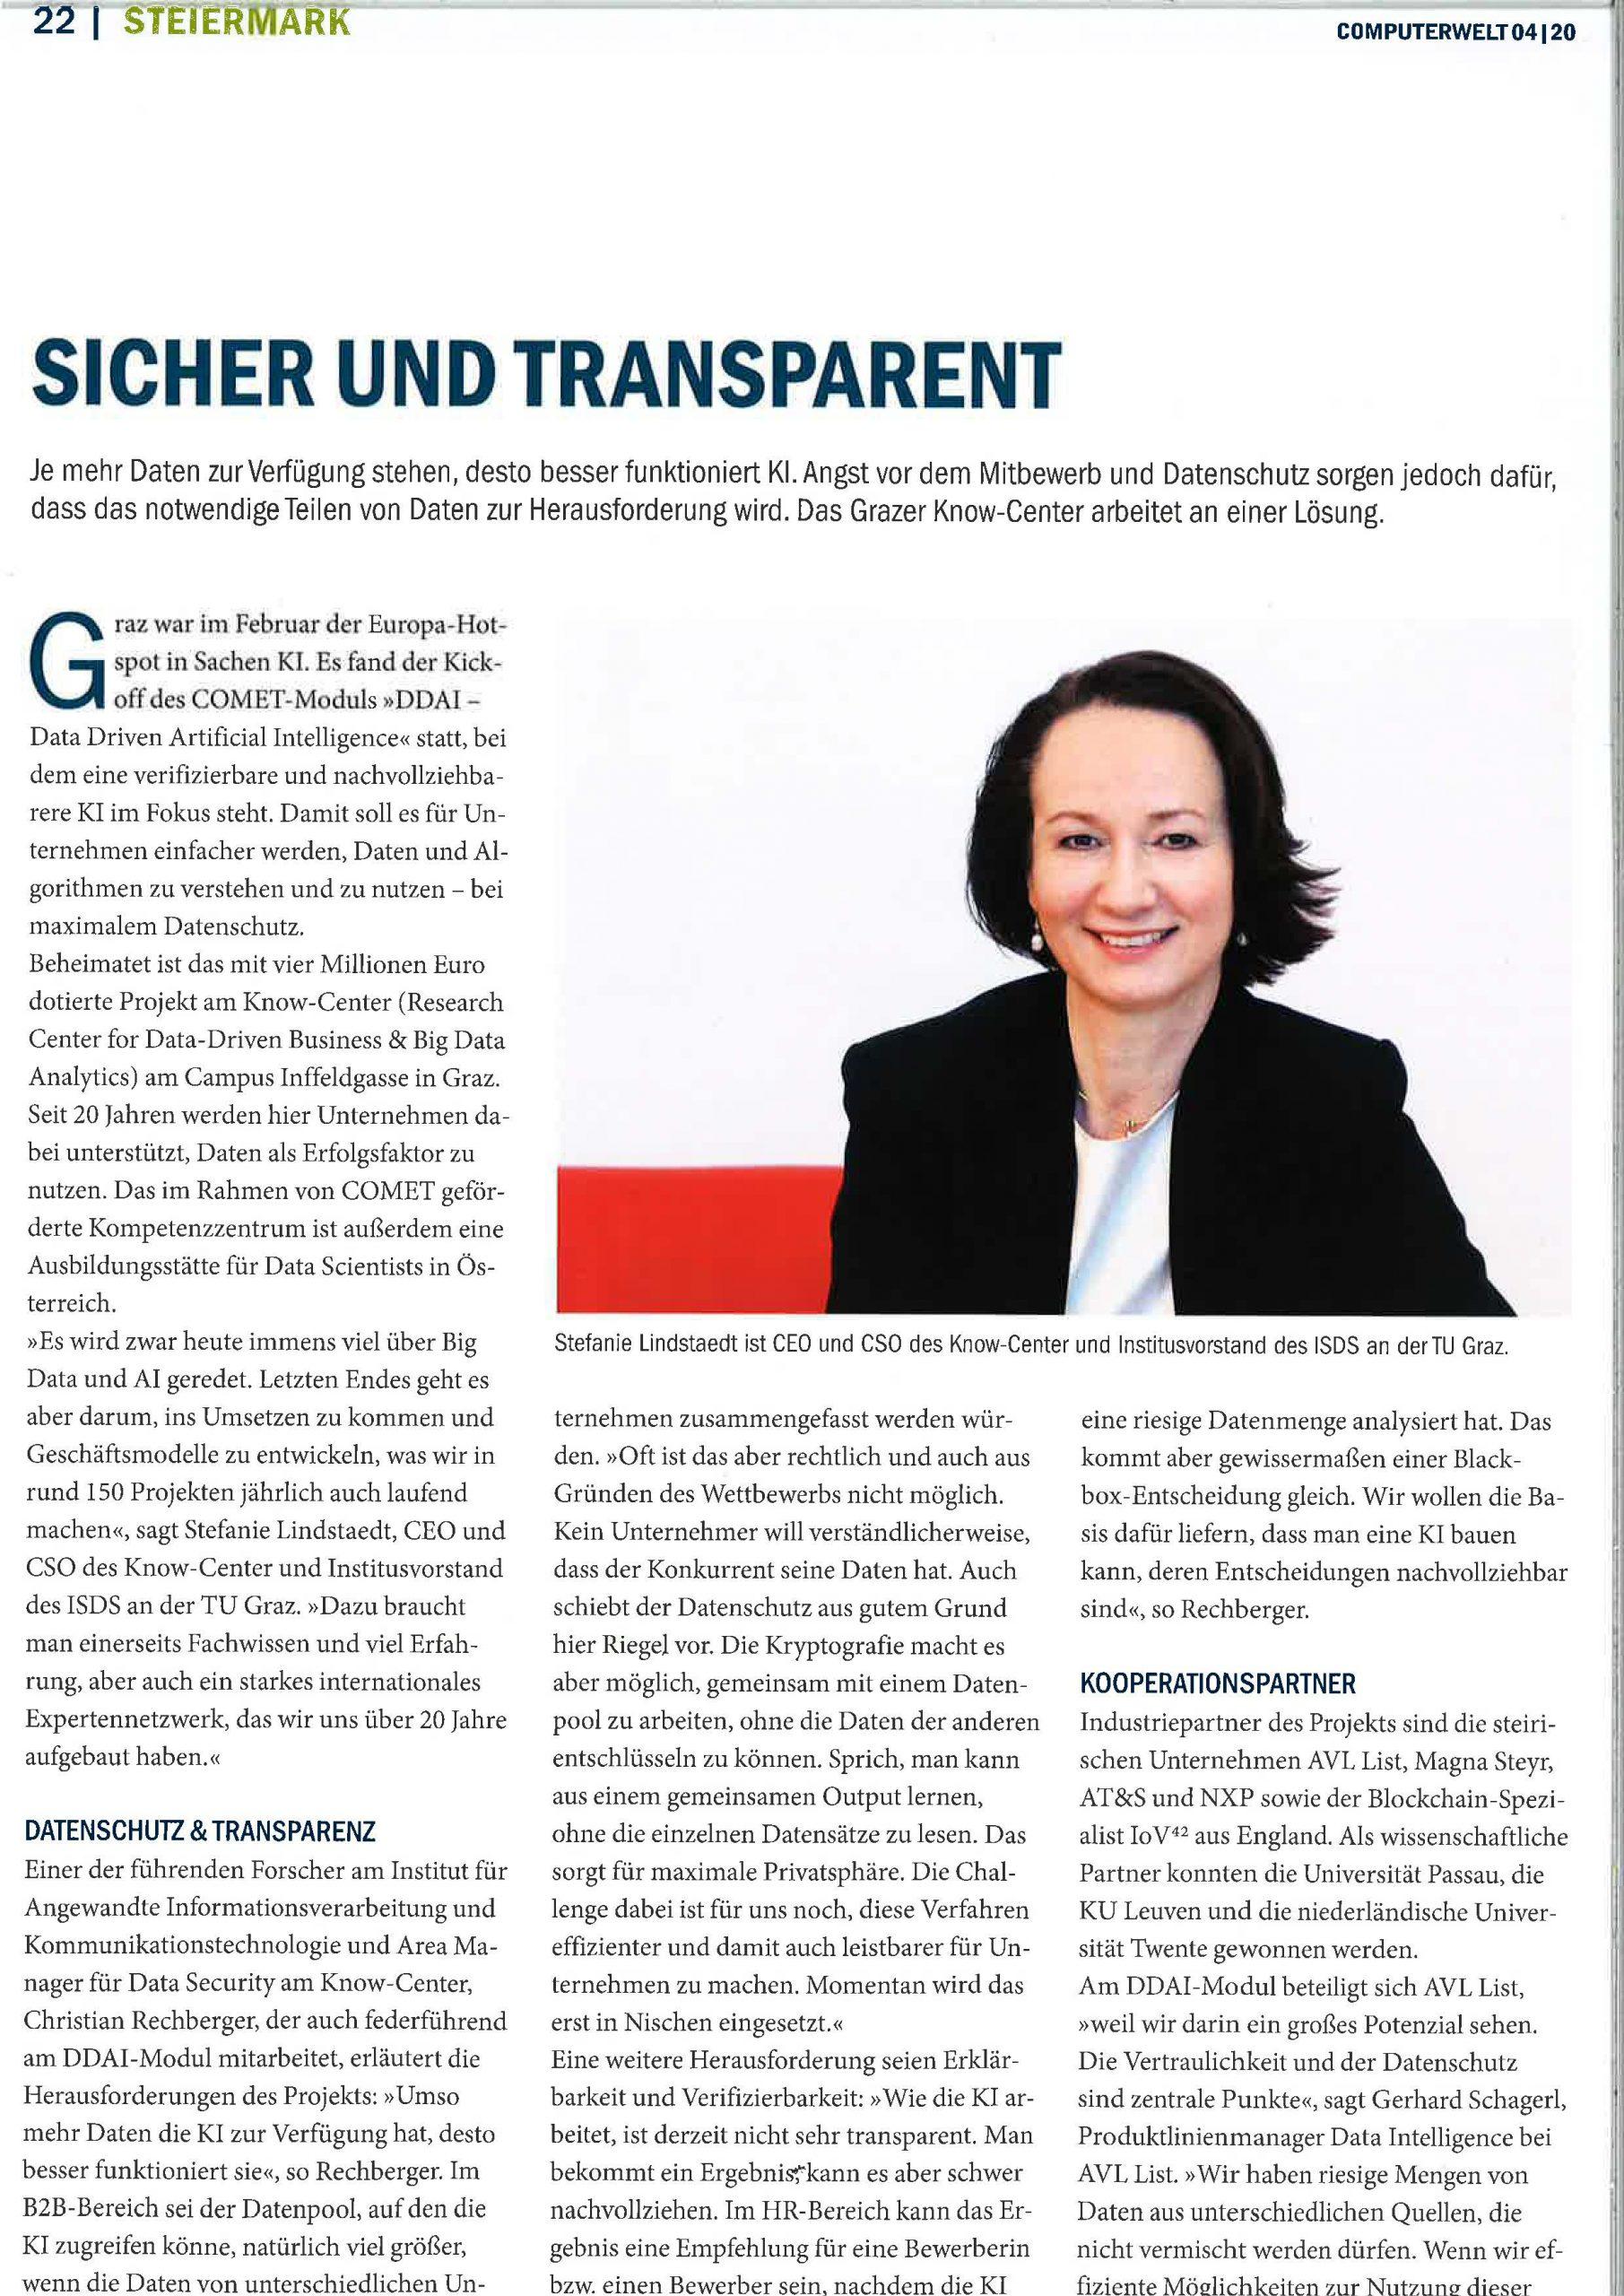 2020-04-22_Compunterwelt_Sicher und Transparent_Seite_1